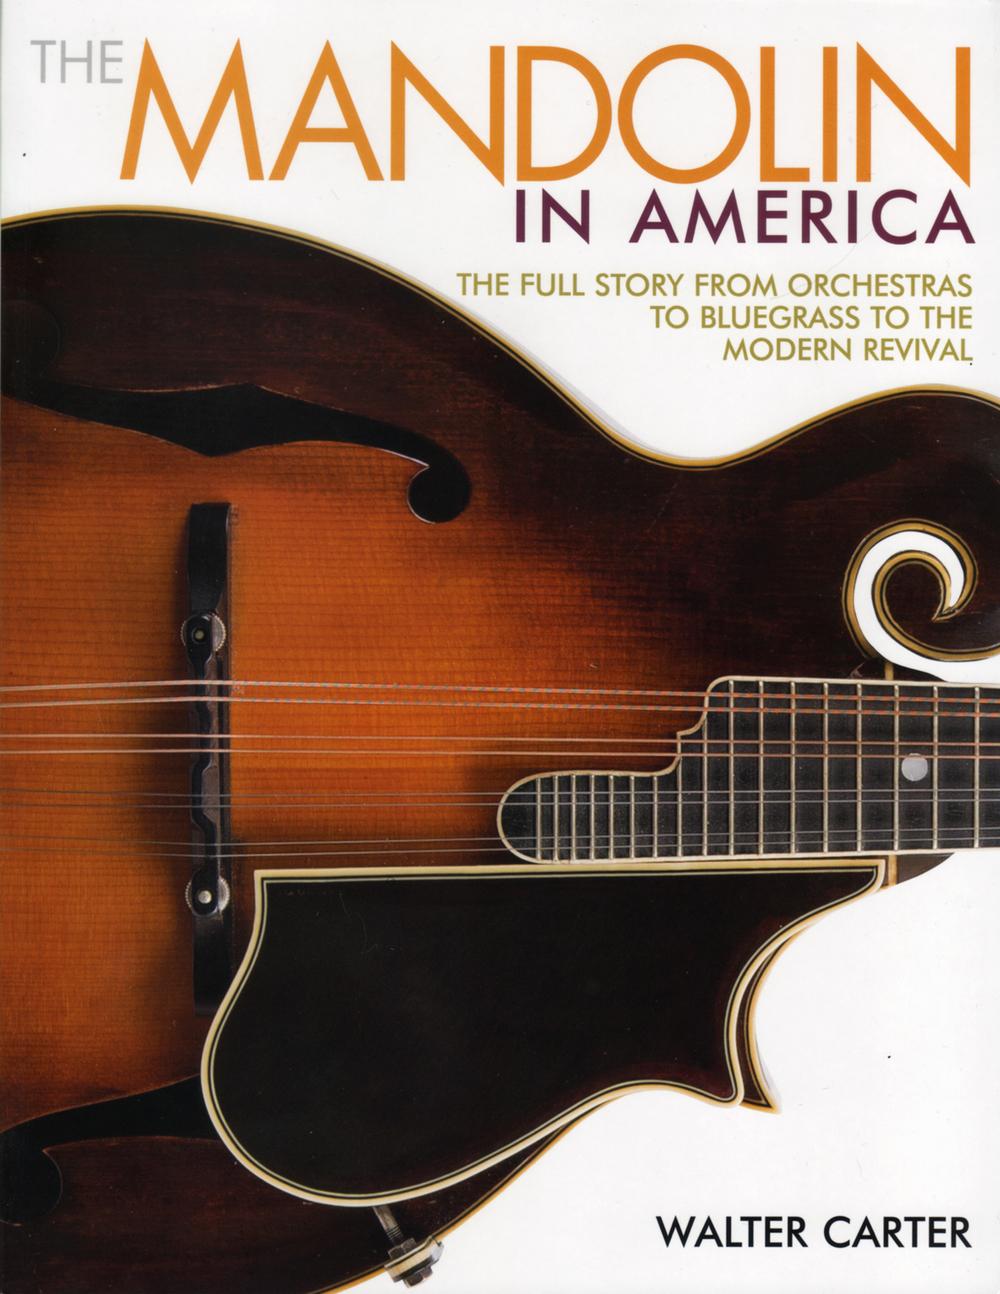 The Mandolin in America